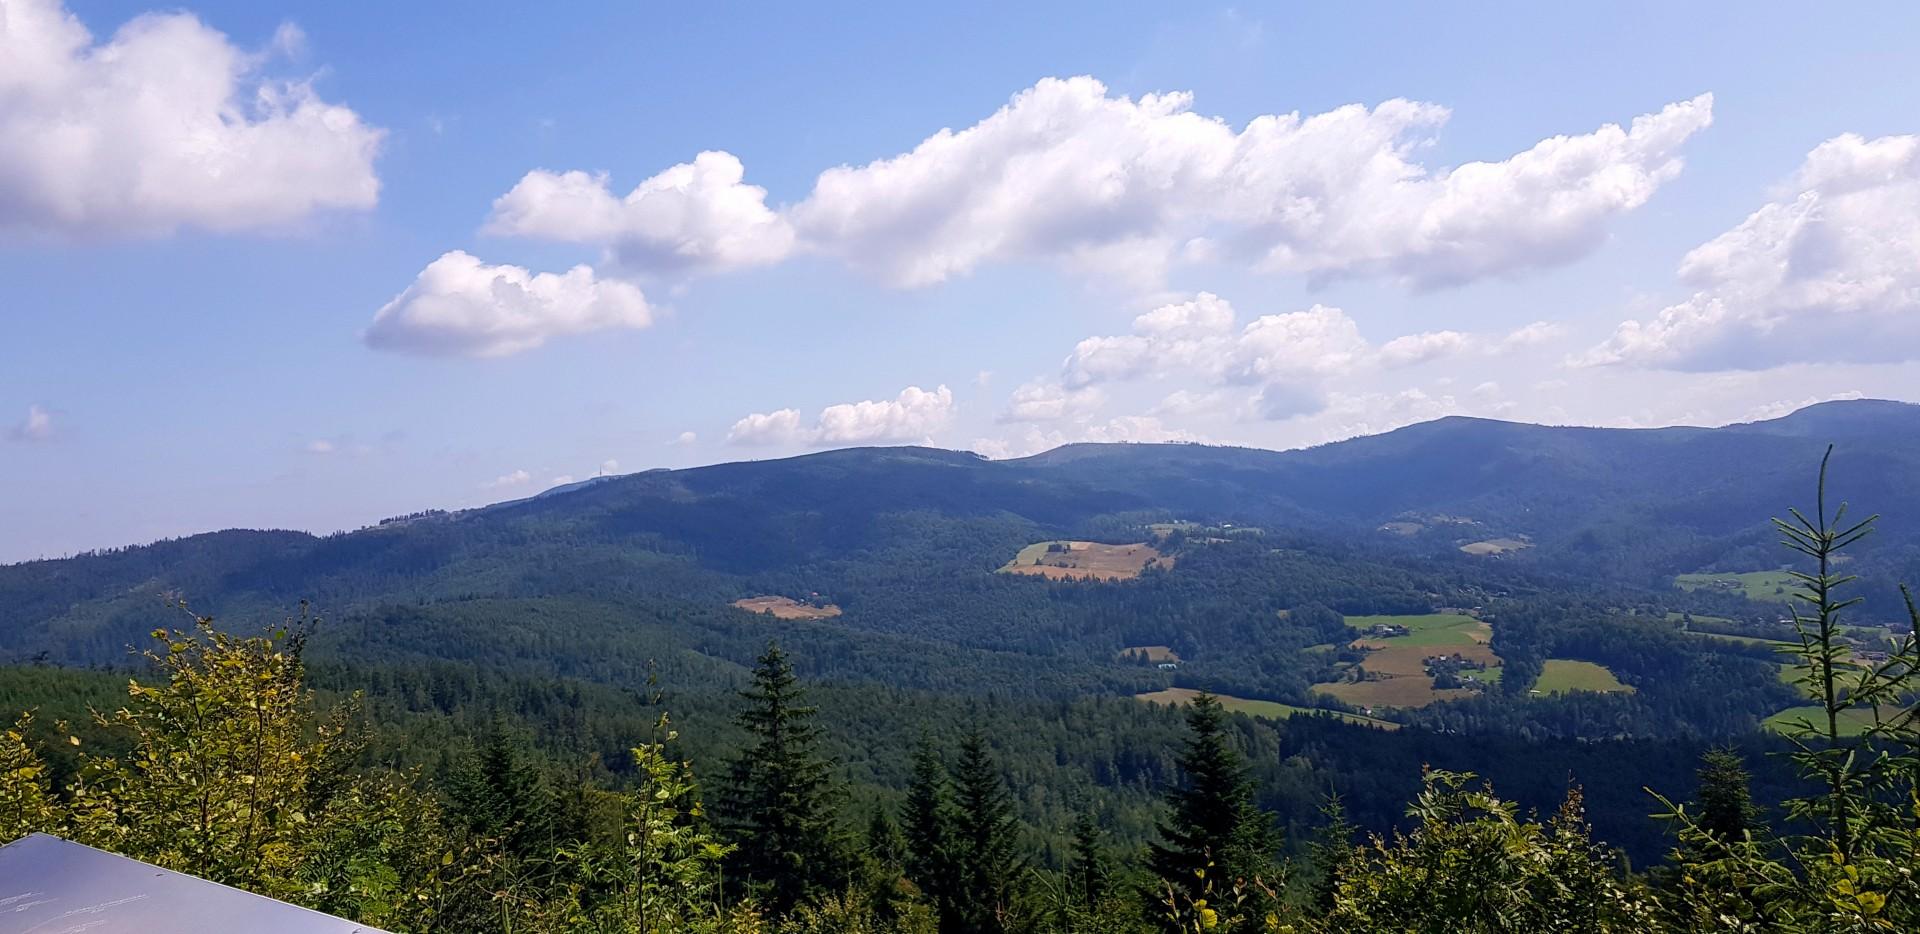 Widok z góry Czupel - Beskid Śląski